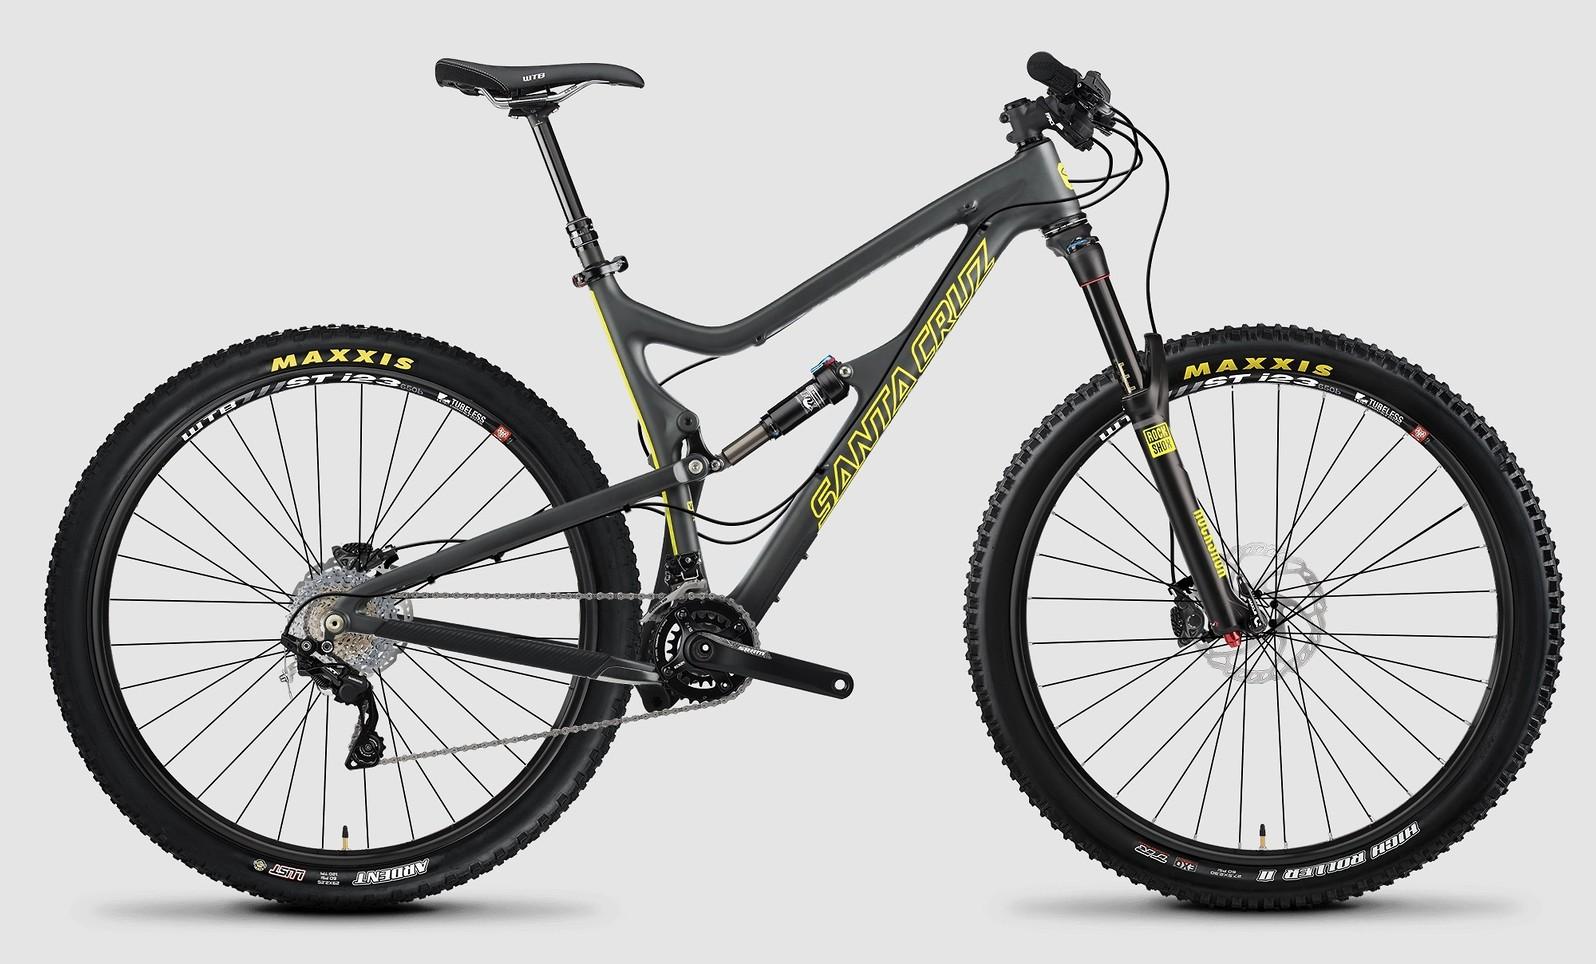 2015 Santa Cruz Tallboy LT Carbon C S bike